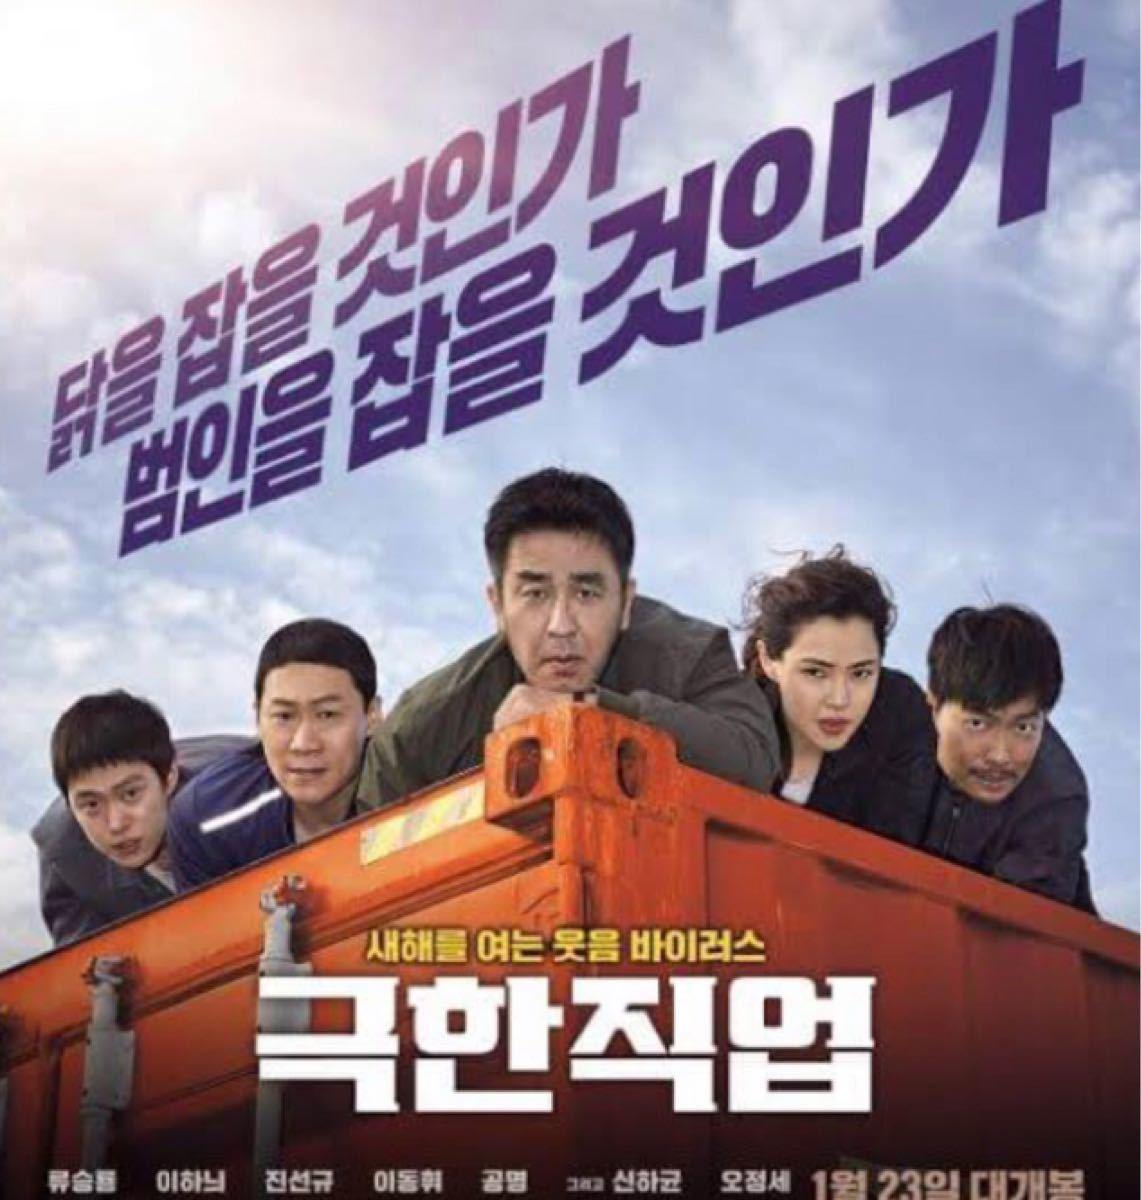 韓国映画  エクストリームジョブ  DVD  日本語吹替有り  リュ・スンリョン  イ・ハニ  期間限定価格